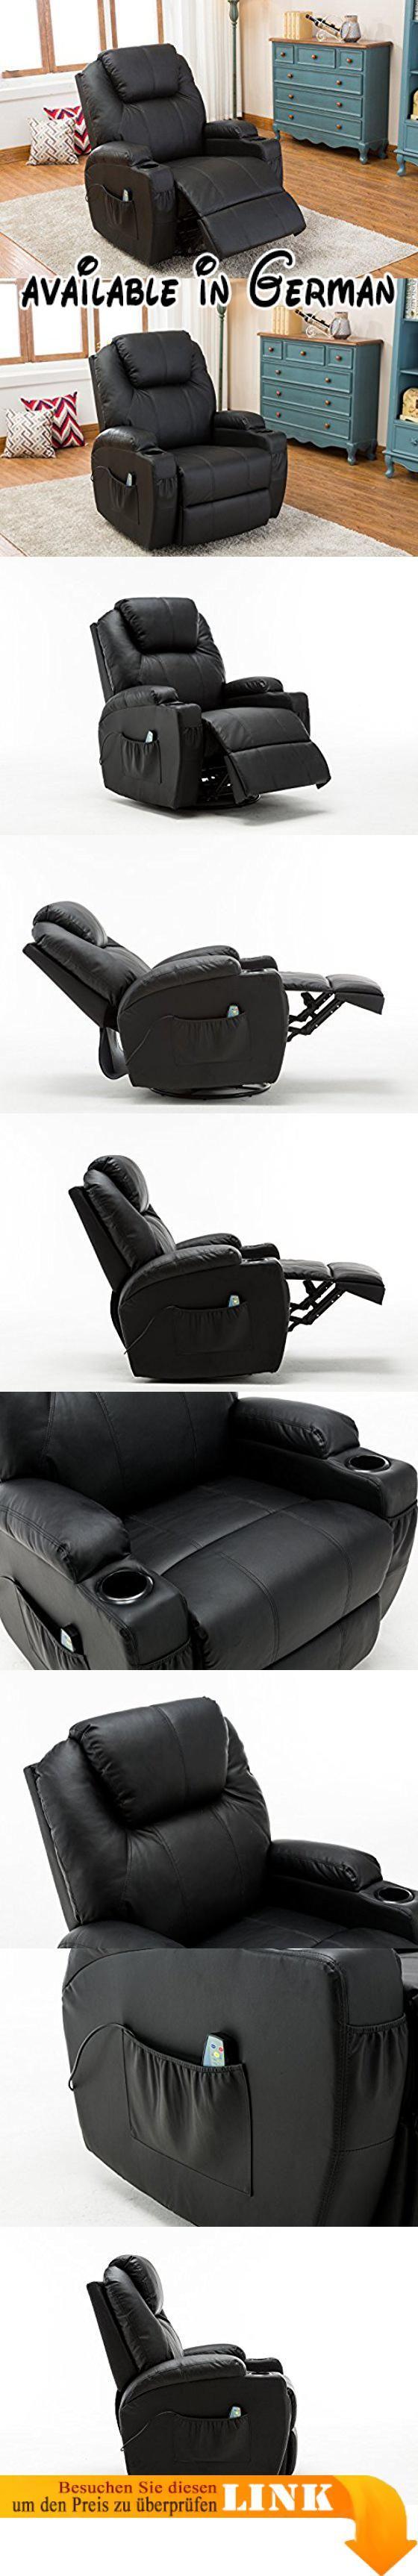 Inspirierend Bequeme Fernsehsessel Dekoration Von B07419rhmp : Mcombo Massagesessel Relaxsessel Mit Vibrationheizung